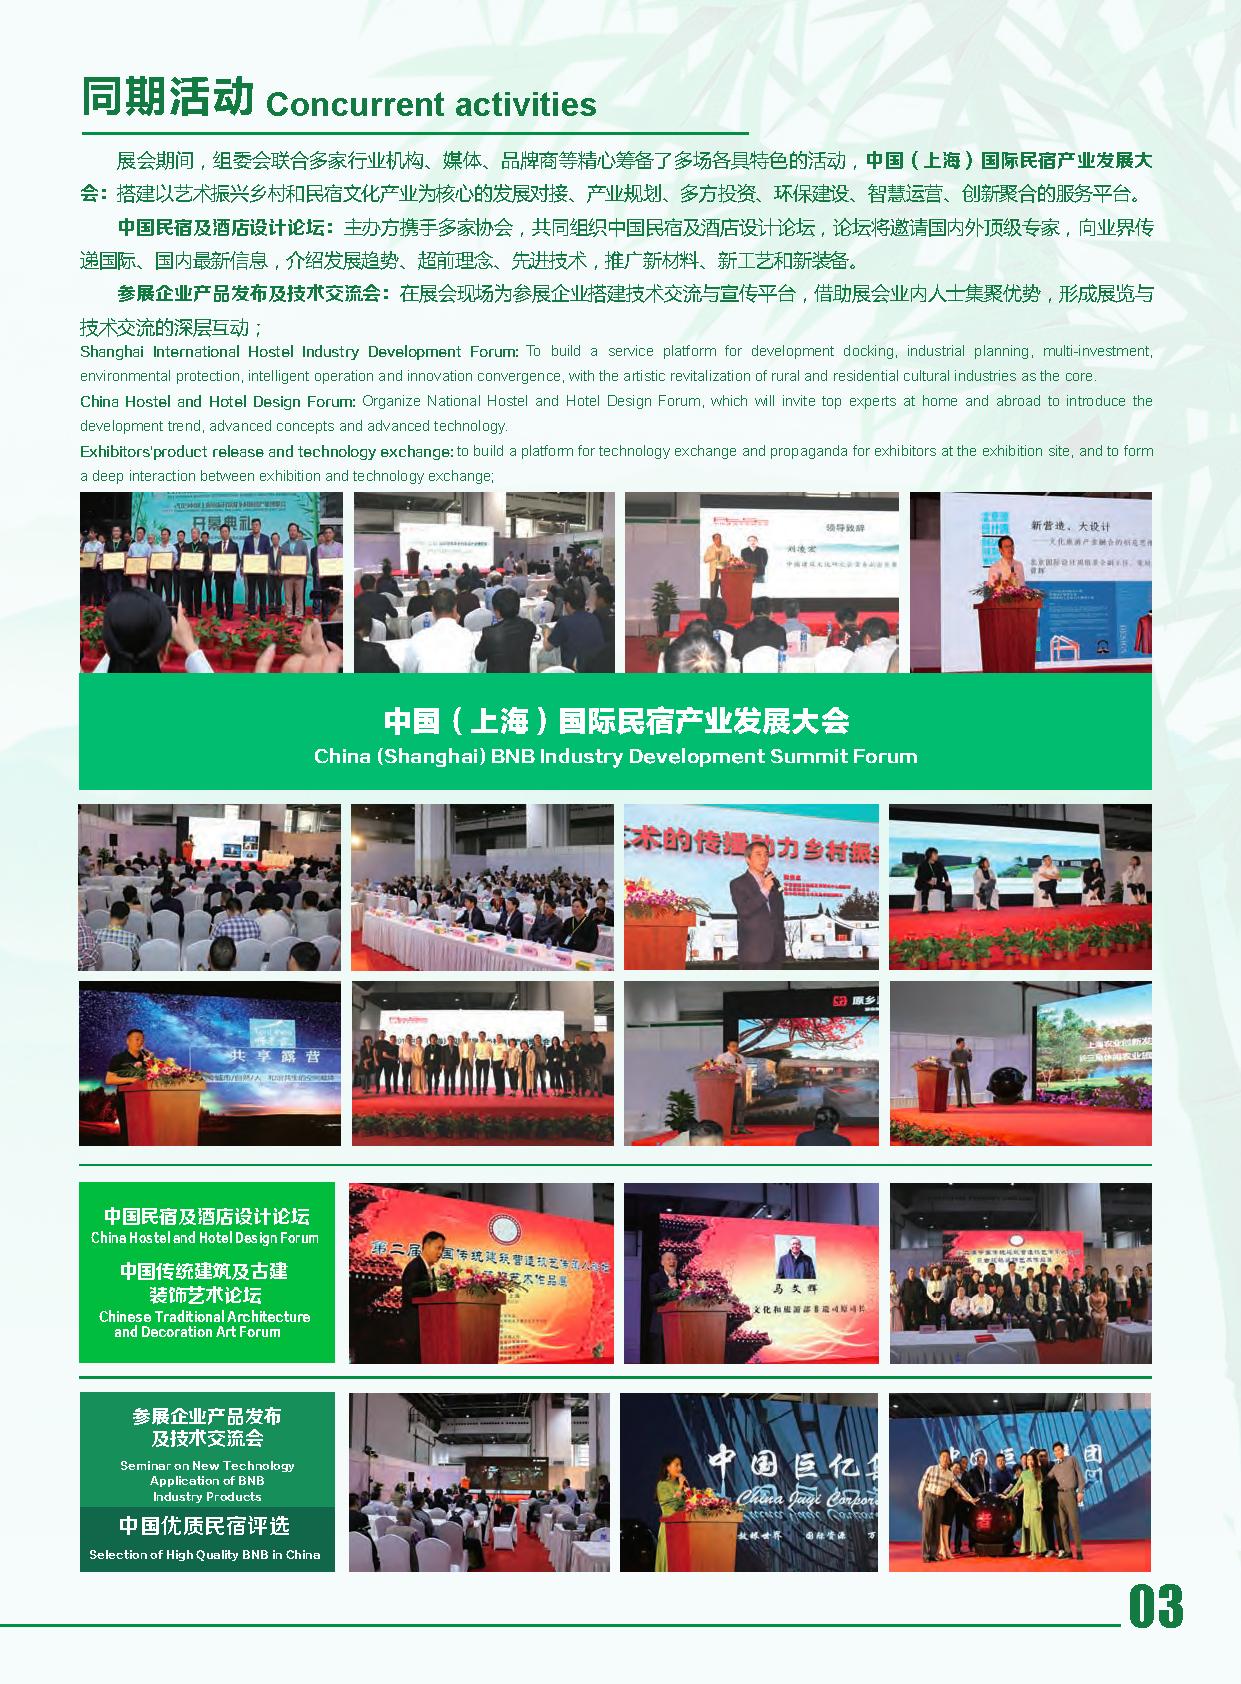 2020第三届中国上海国际民宿及乡村旅居产业博览会邀请函_页面_5.png